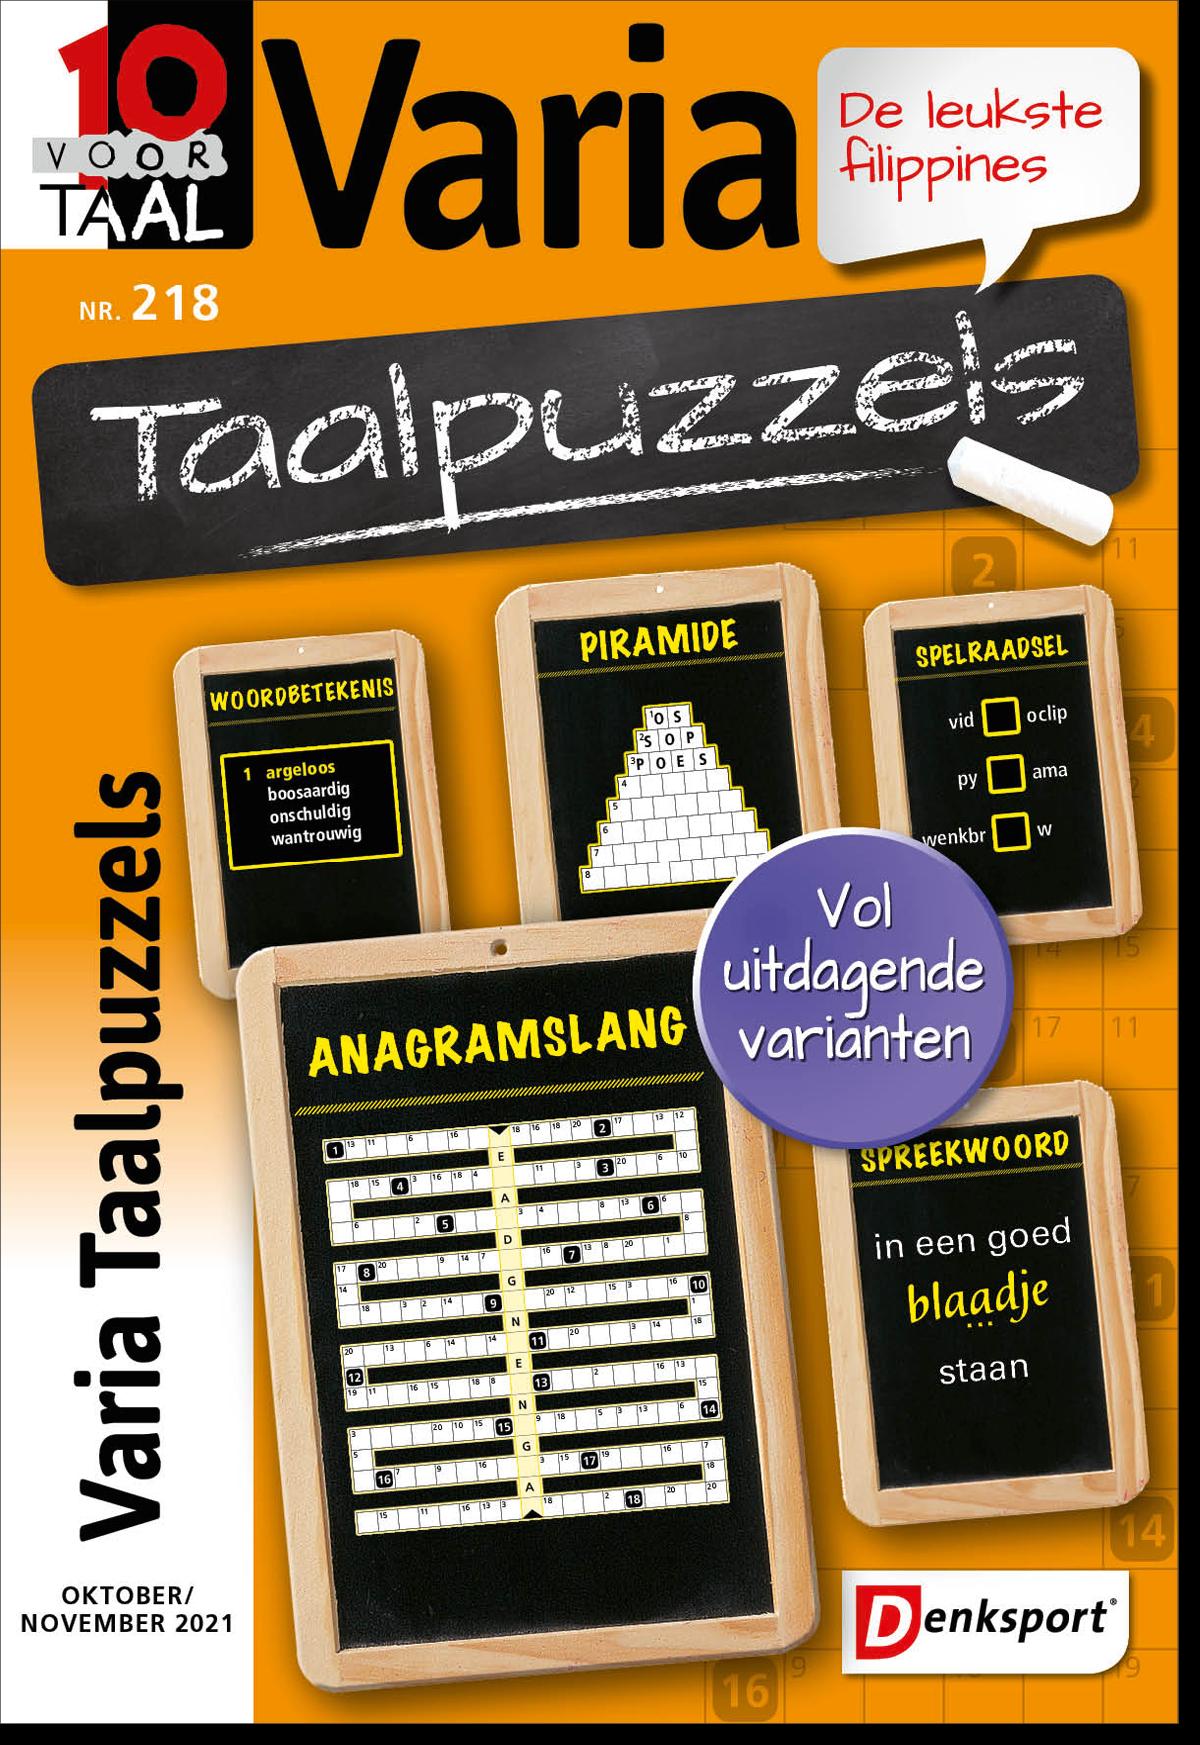 Afbeelding van 10 voor Taal - Varia taalpuzzels - Editie 218